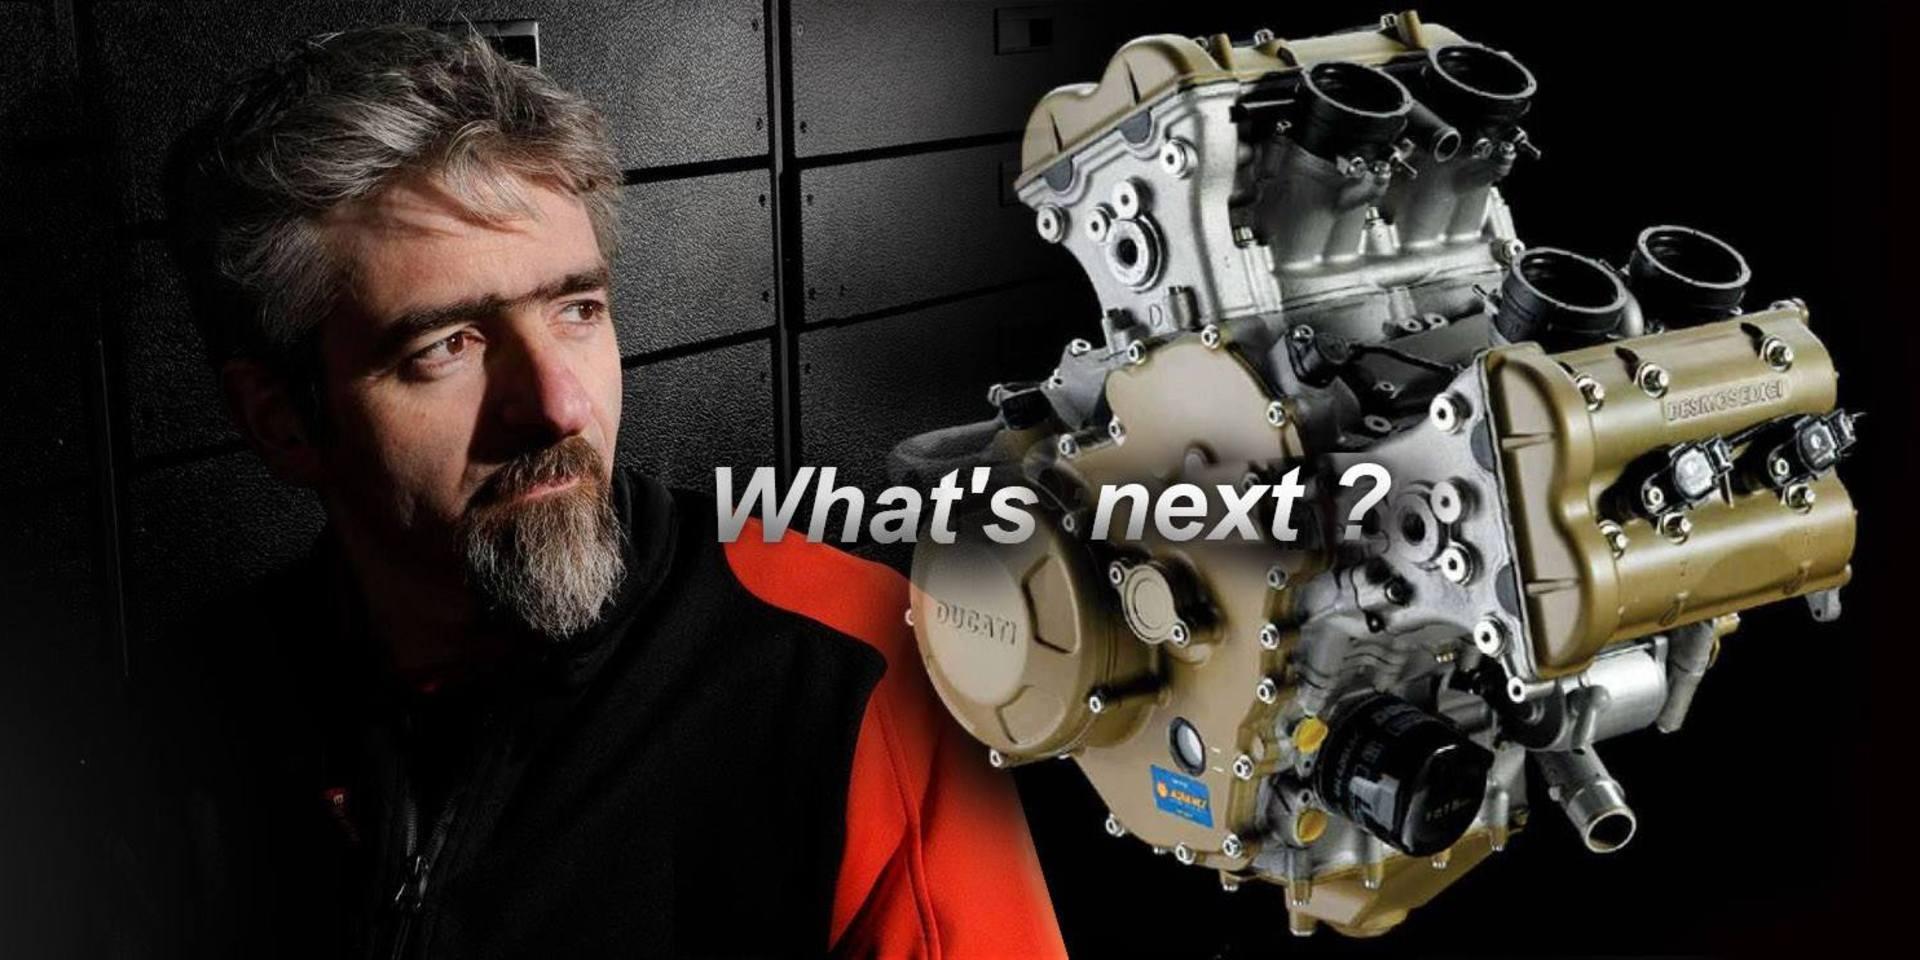 Ducati 的下一世代車款2018登場!?